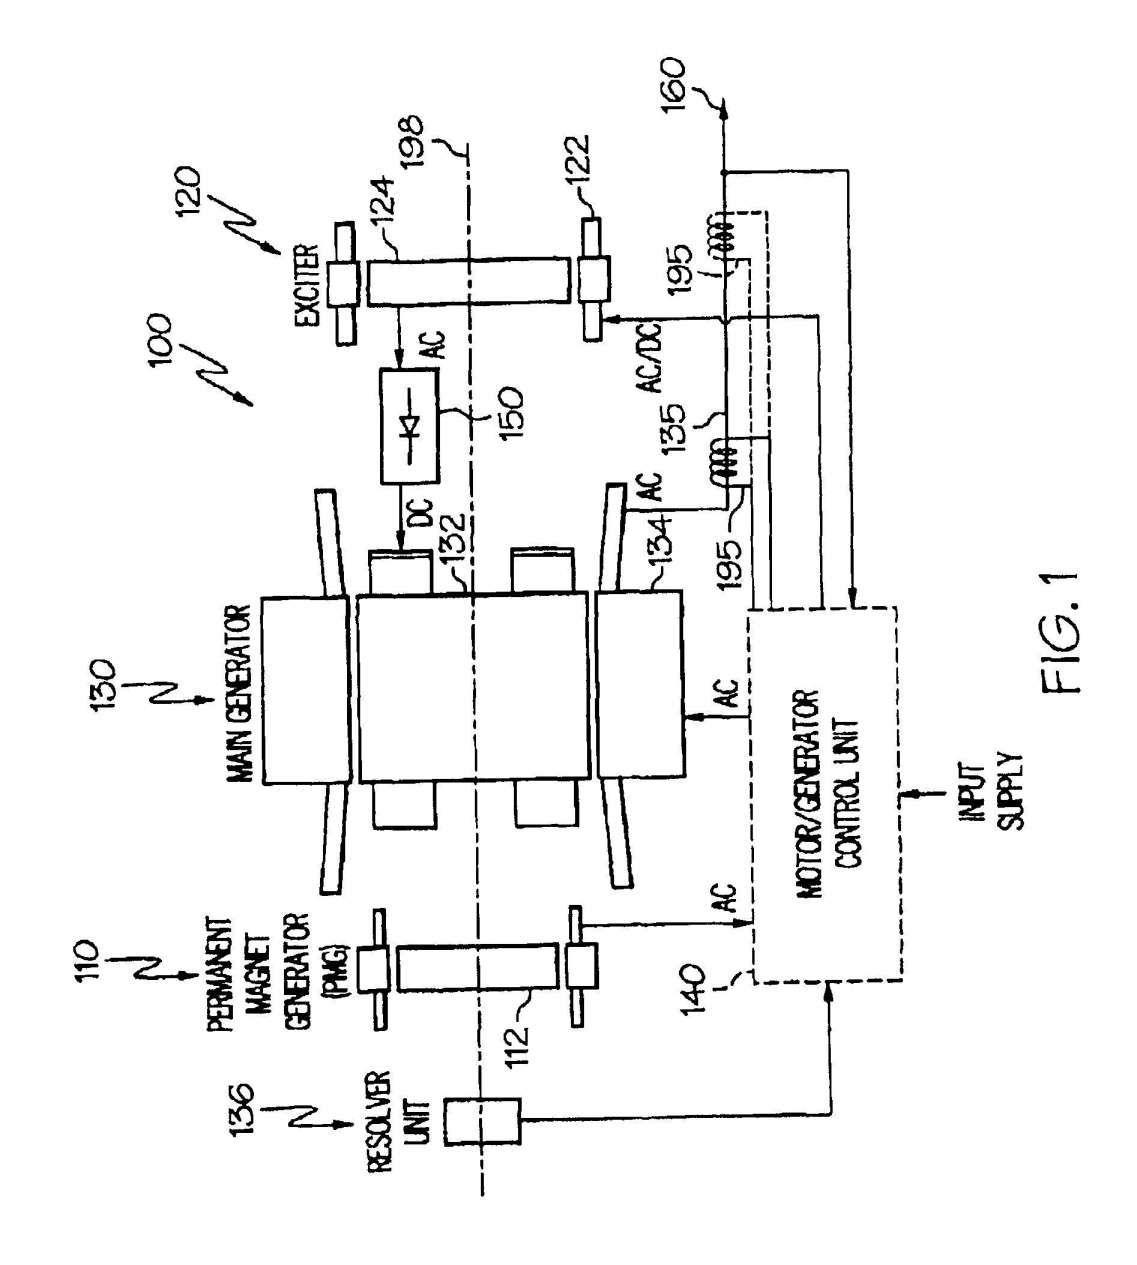 New Wiring Diagram Garage Door Opener Sensors Diagram Diagramsample Diagramtemplate Wiringdiagram Diagramchart Wo Garage Doors Garage Door Sensor Diagram